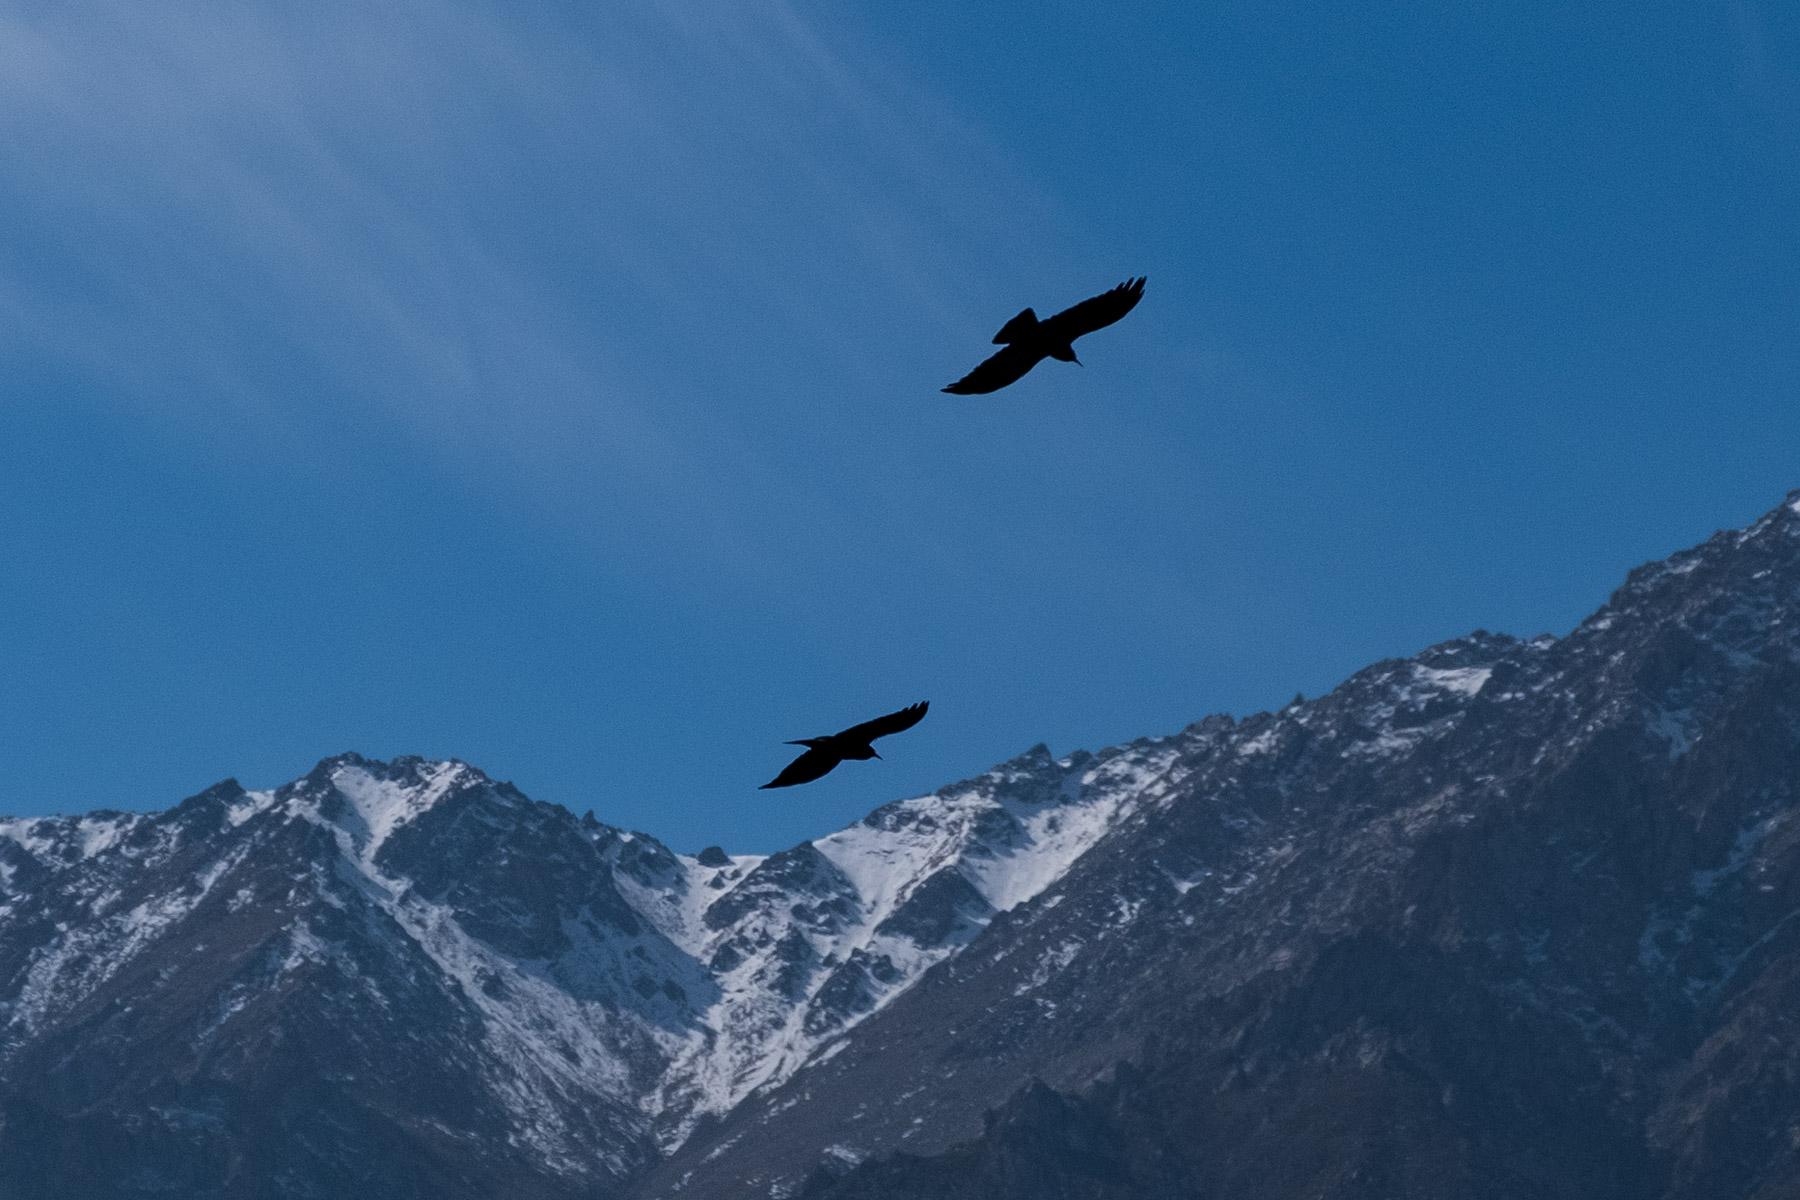 Raben in der Luft vor Bergen mit Schnee in Gansu